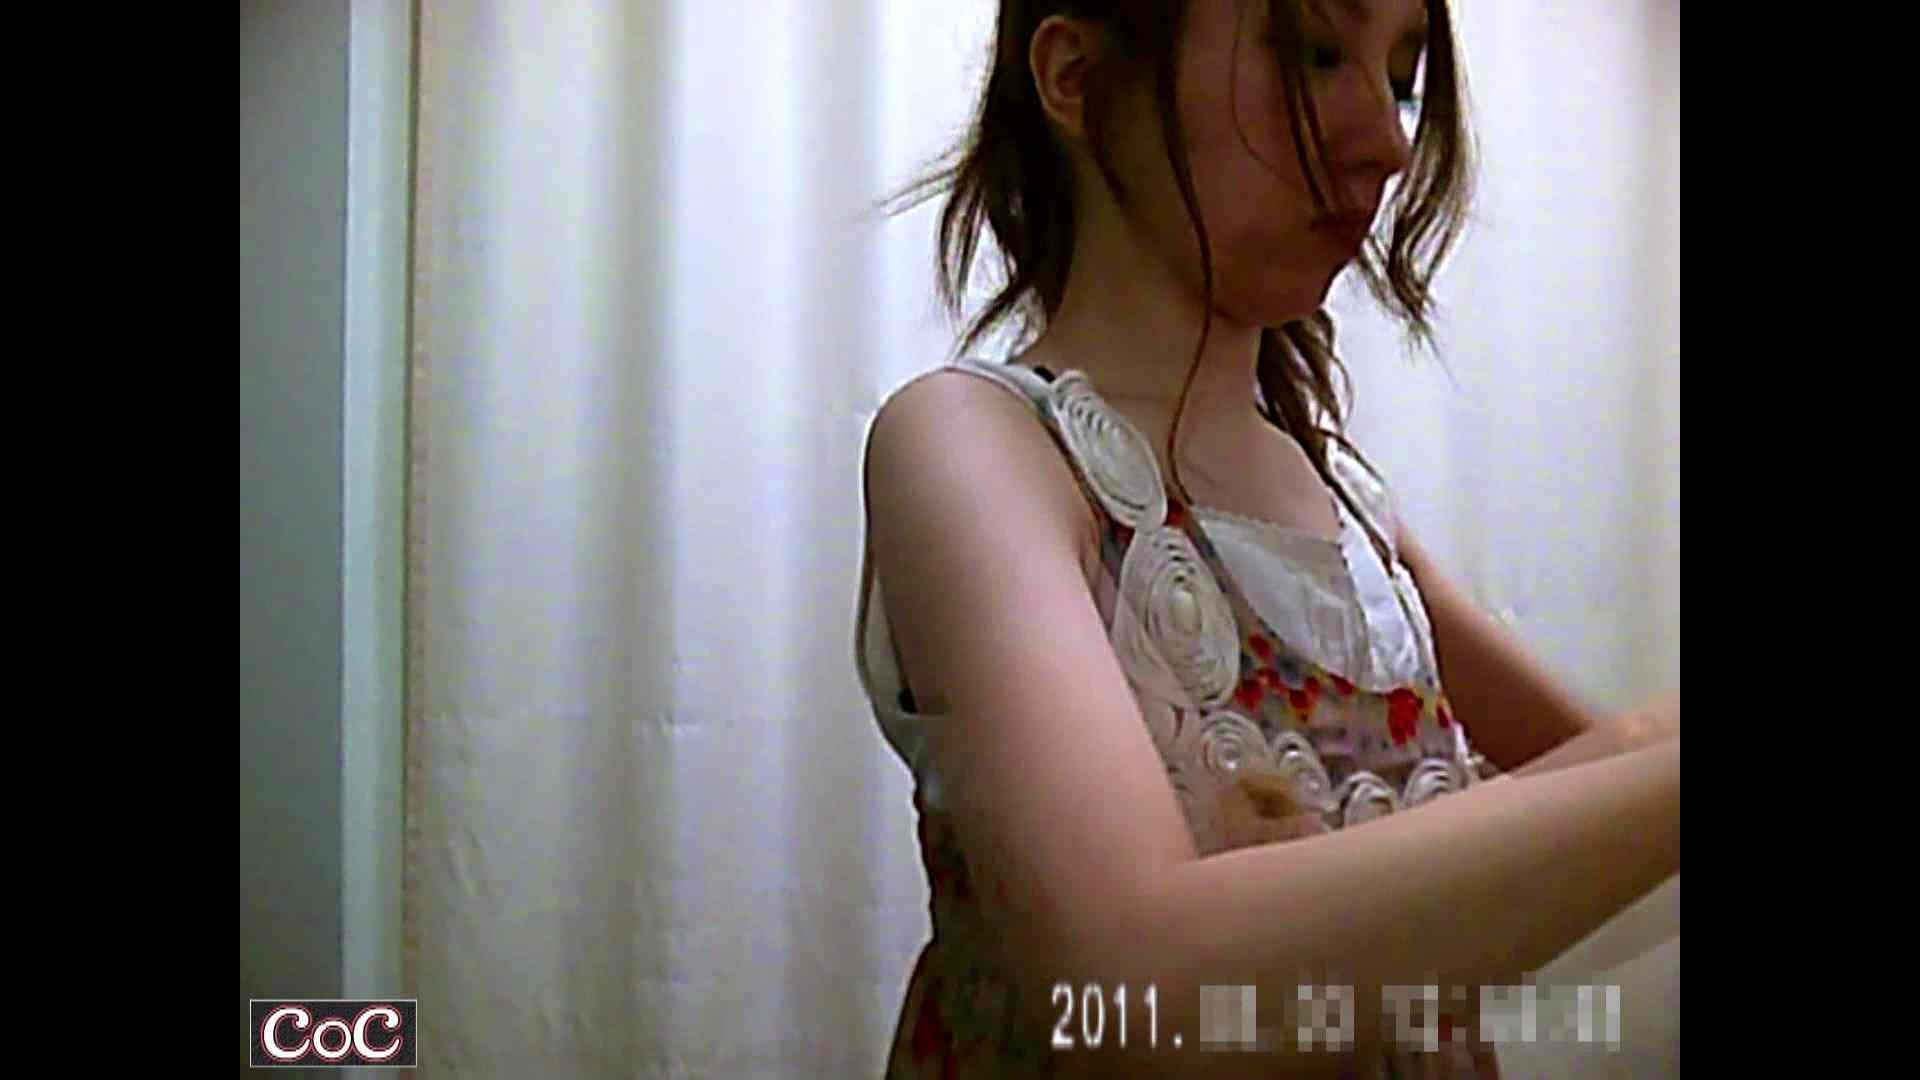 病院おもいっきり着替え! vol.09 美女OL オマンコ無修正動画無料 77連発 72